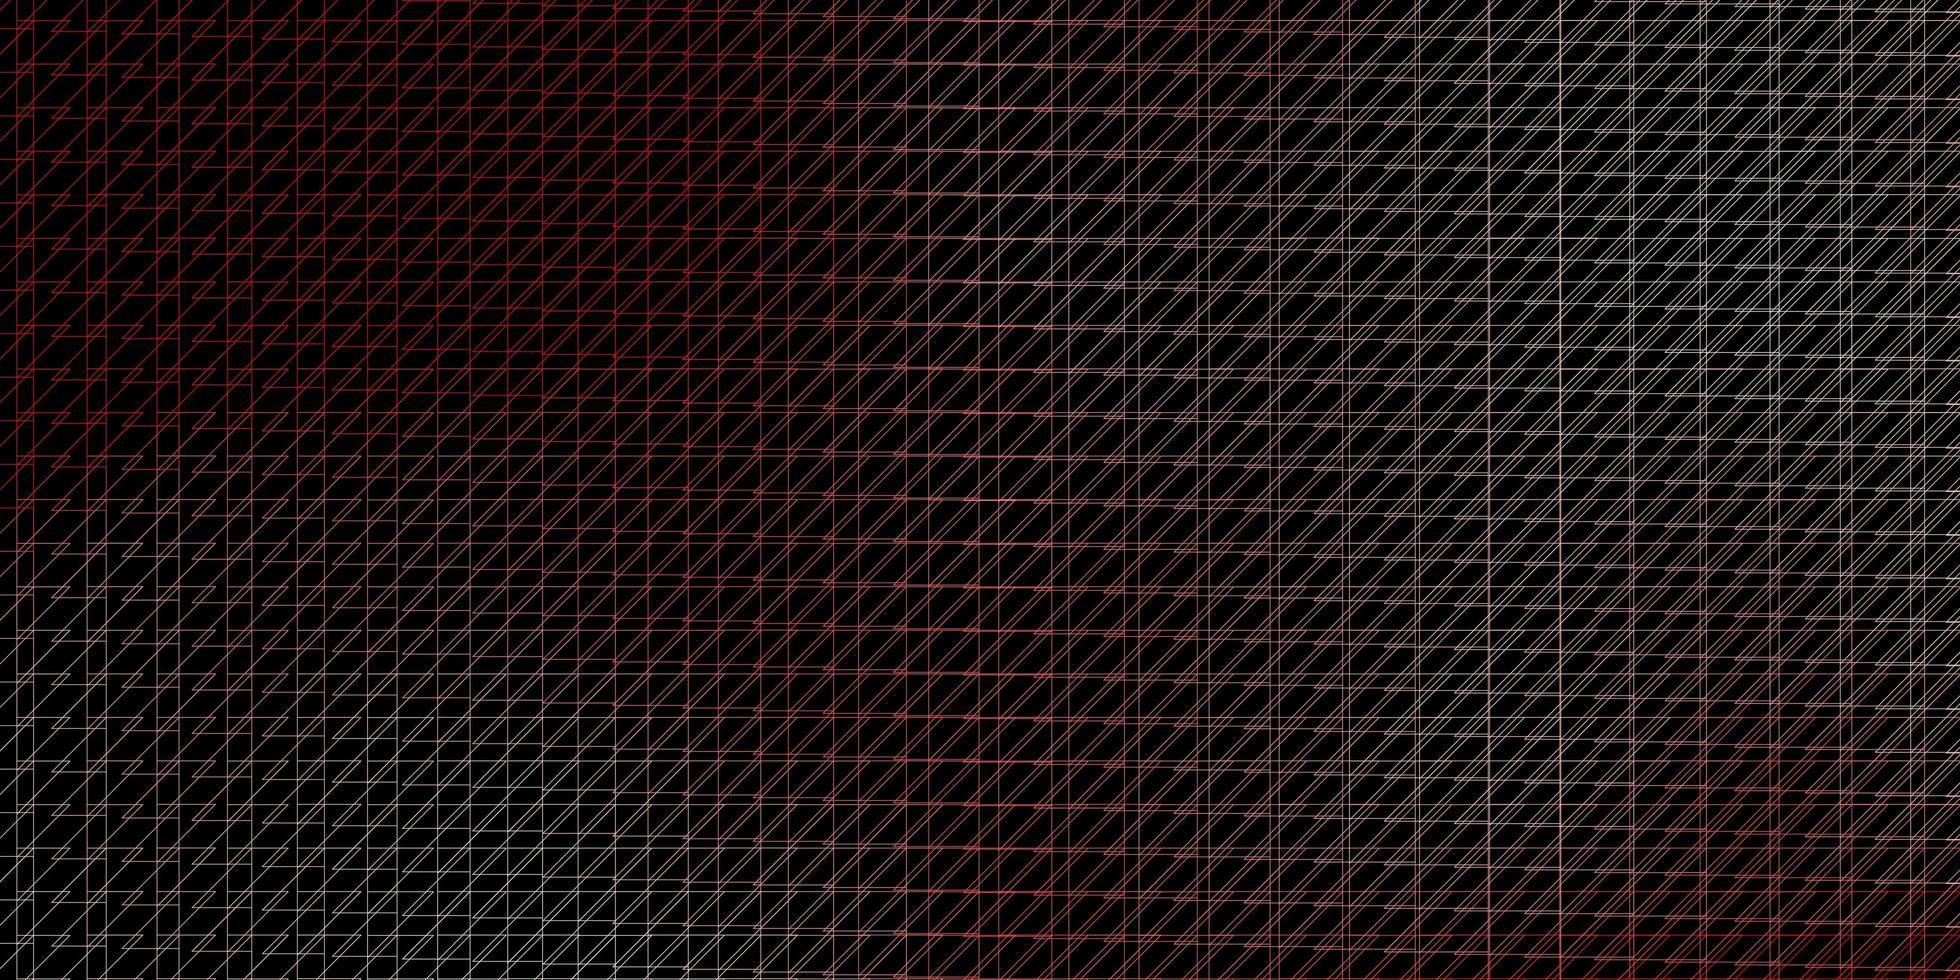 fundo vector vermelho escuro com linhas.